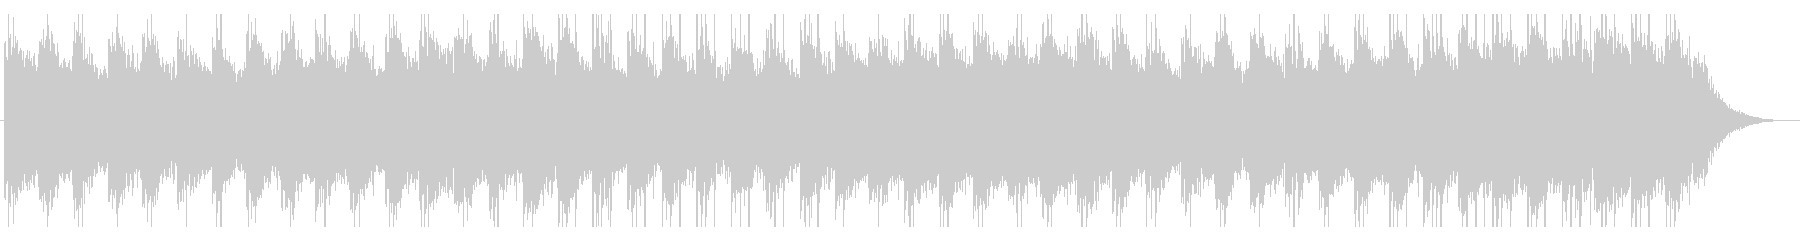 大正琴の日本イメージの曲のメロ抜きの未再生の波形